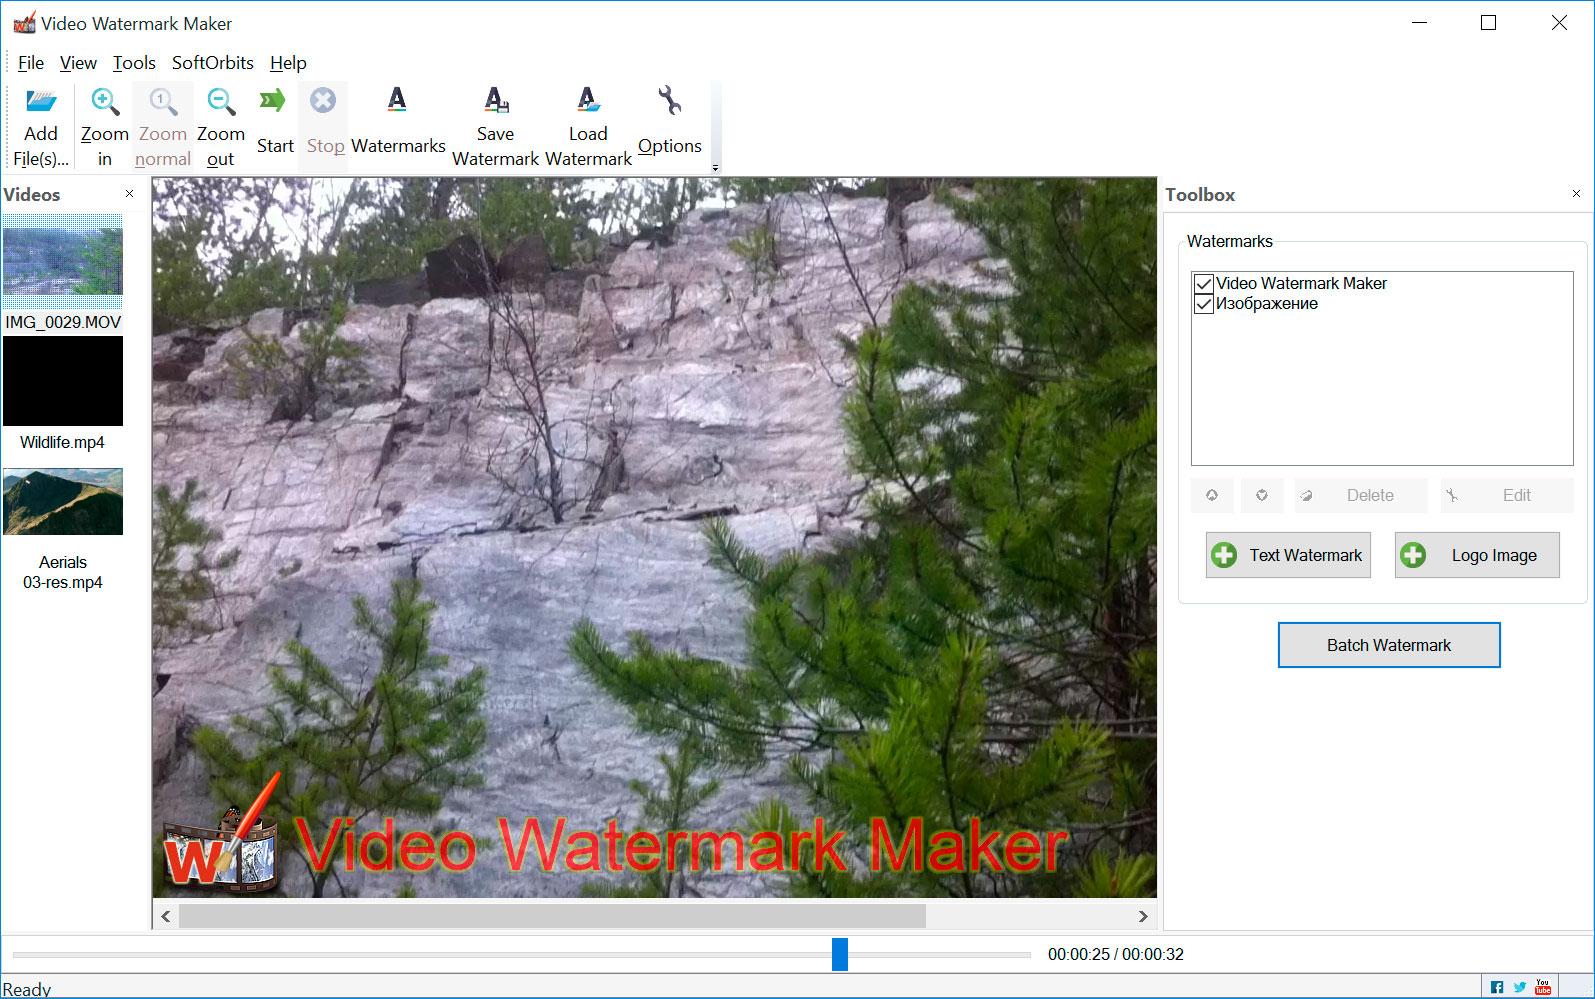 Video Watermark Maker 屏幕截图